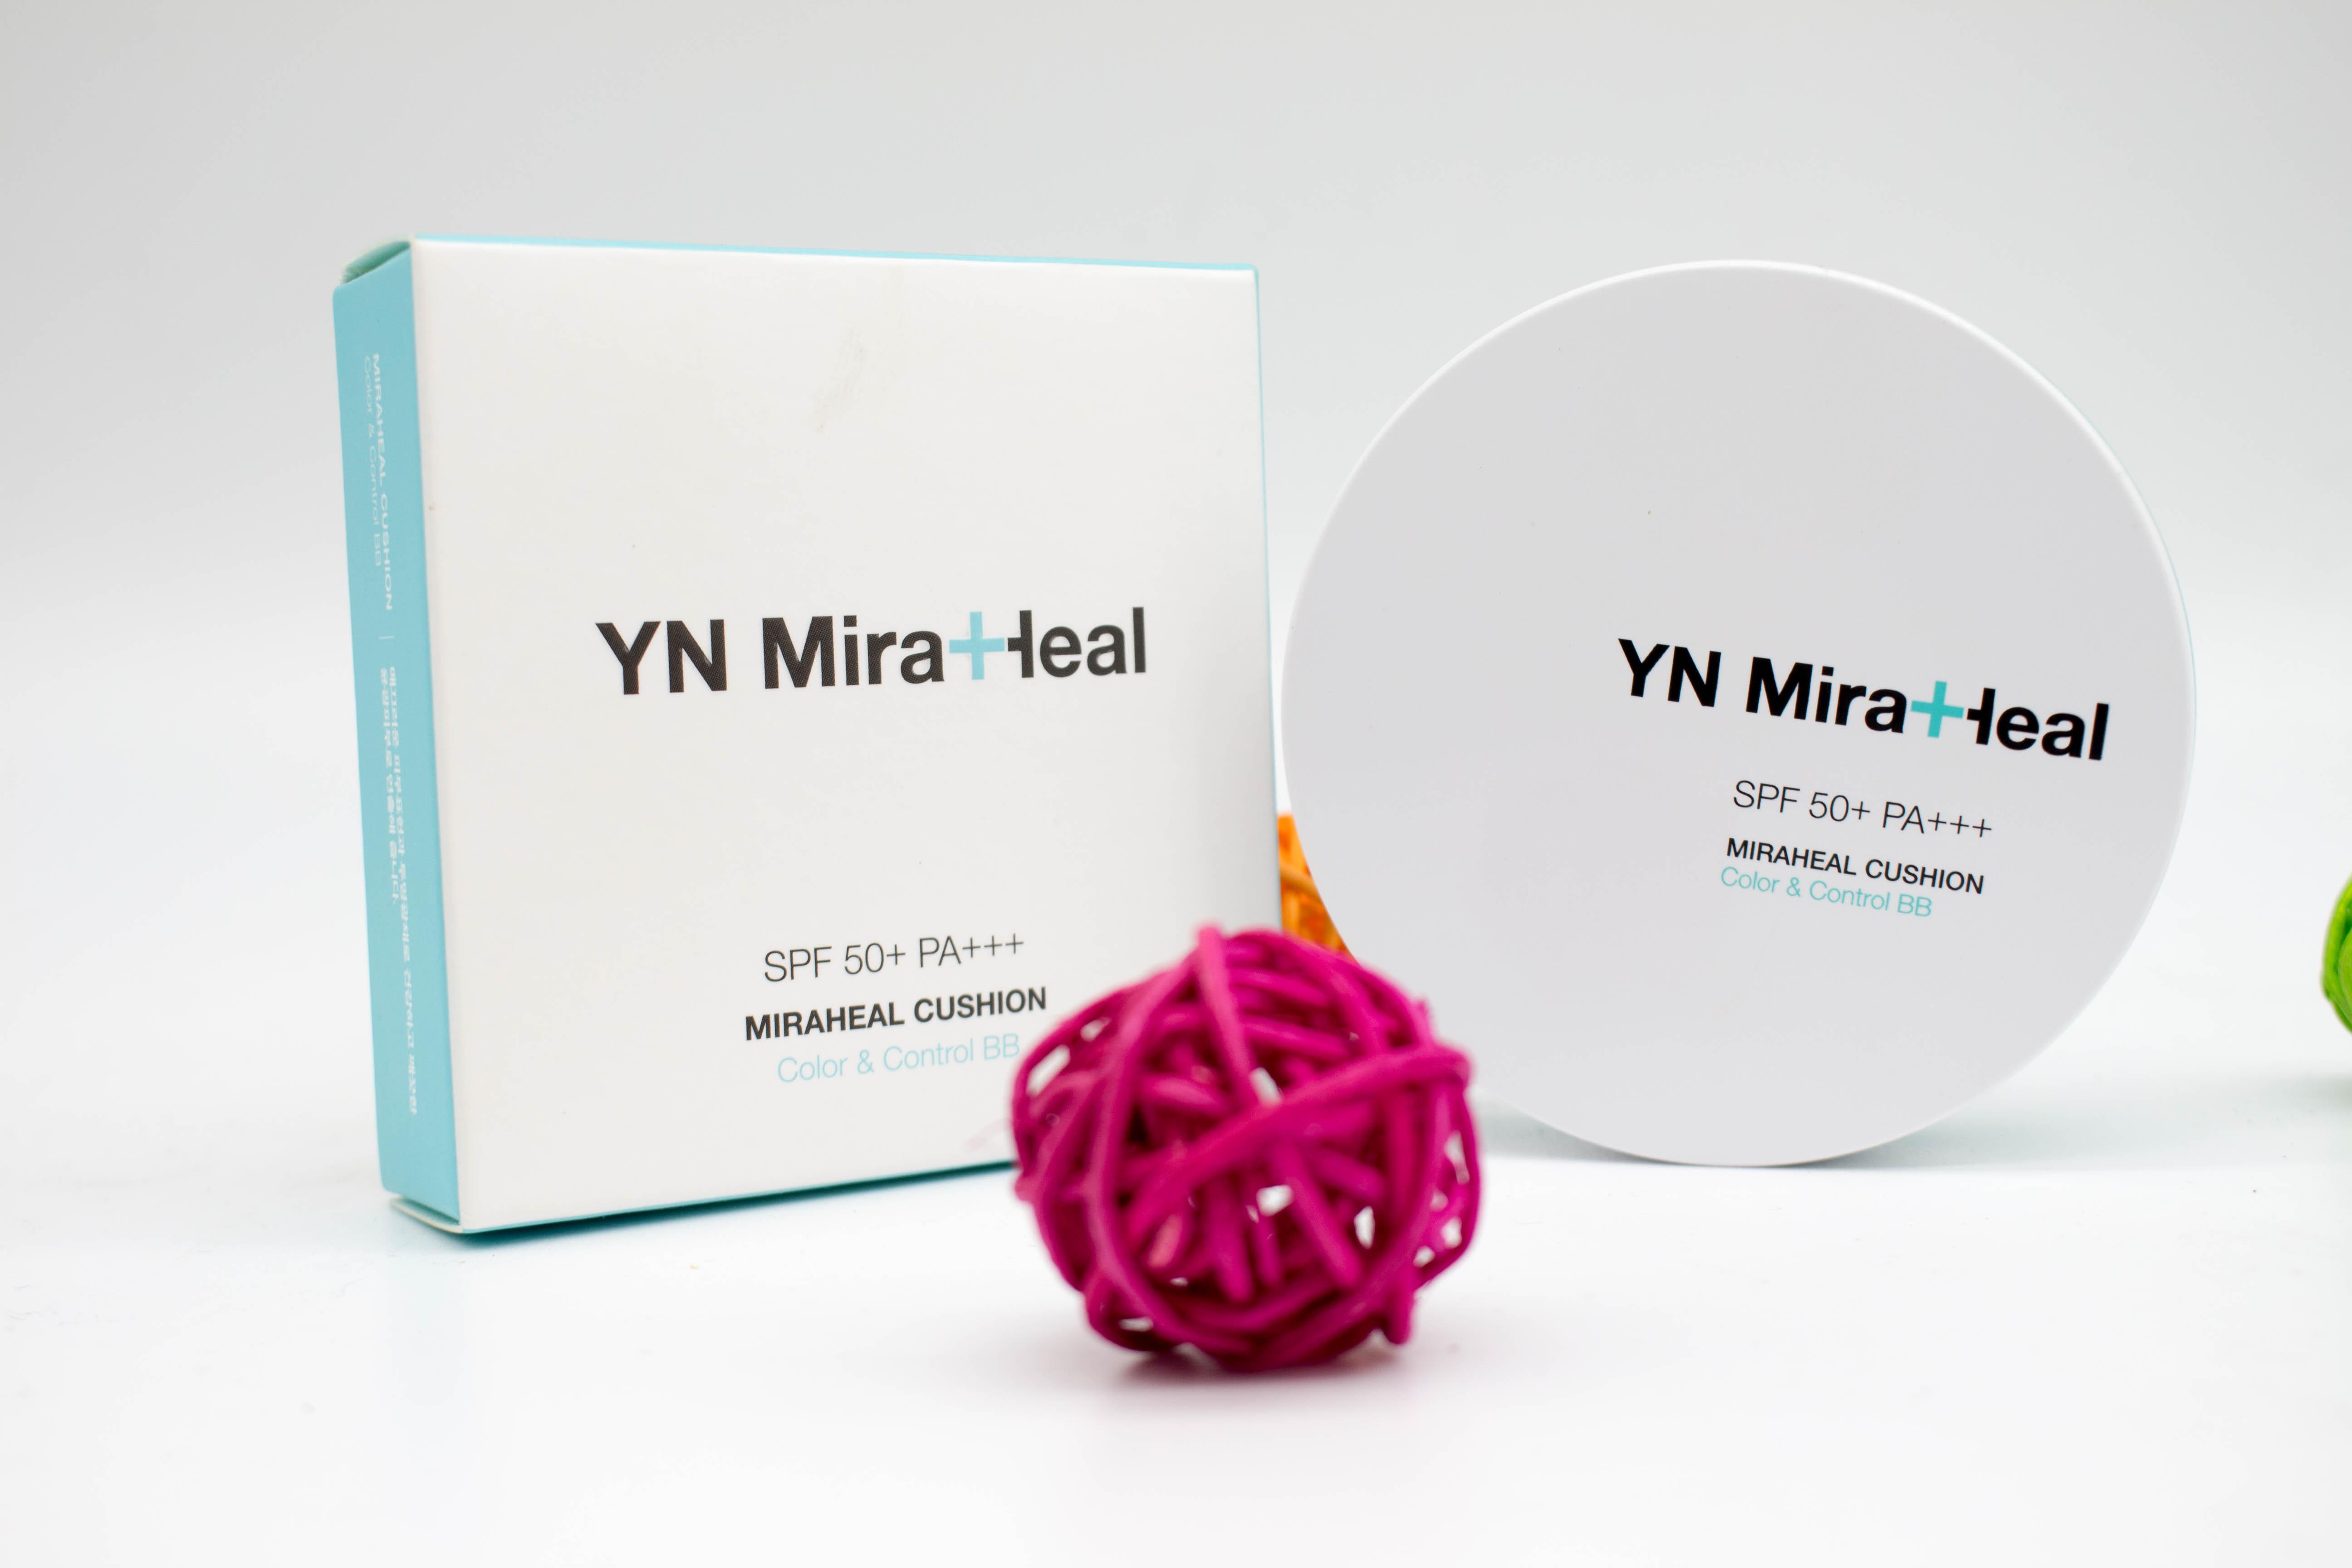 Phấn nước YN Miraheal Cushion được nhiều tạp chí làm đẹp công nhận về chất lượng